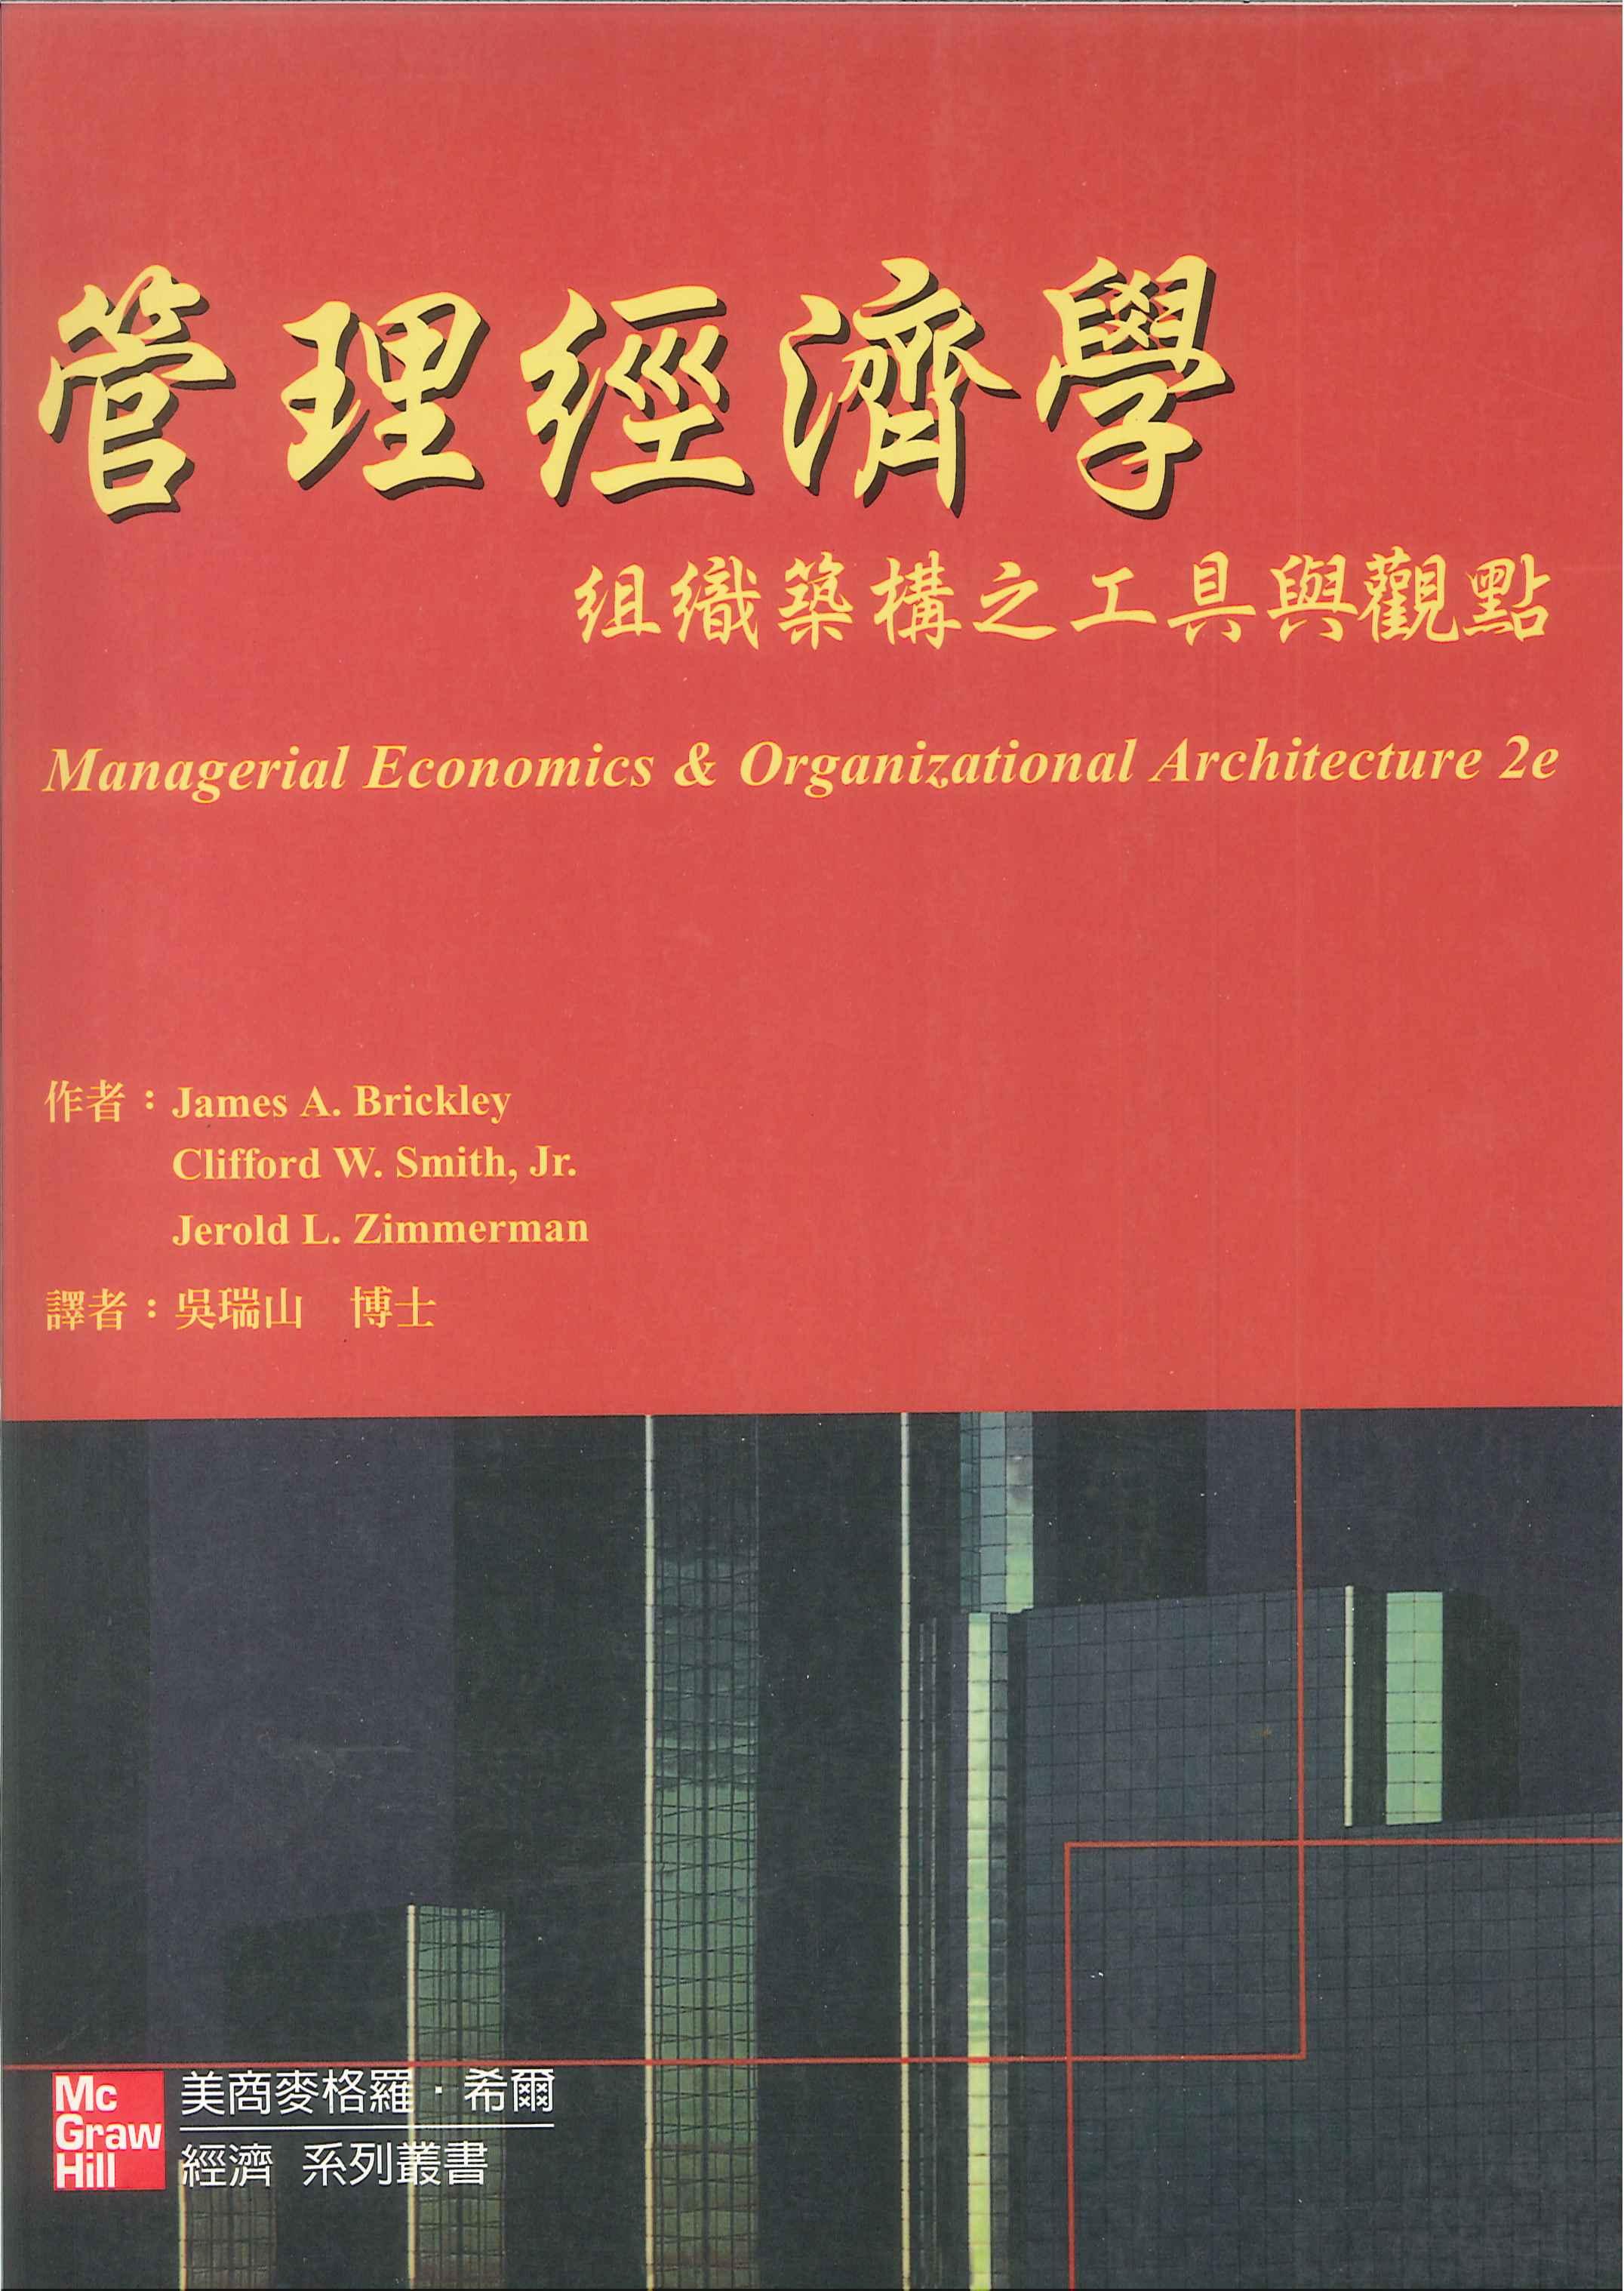 管理經濟學:組織築構之工具與觀點